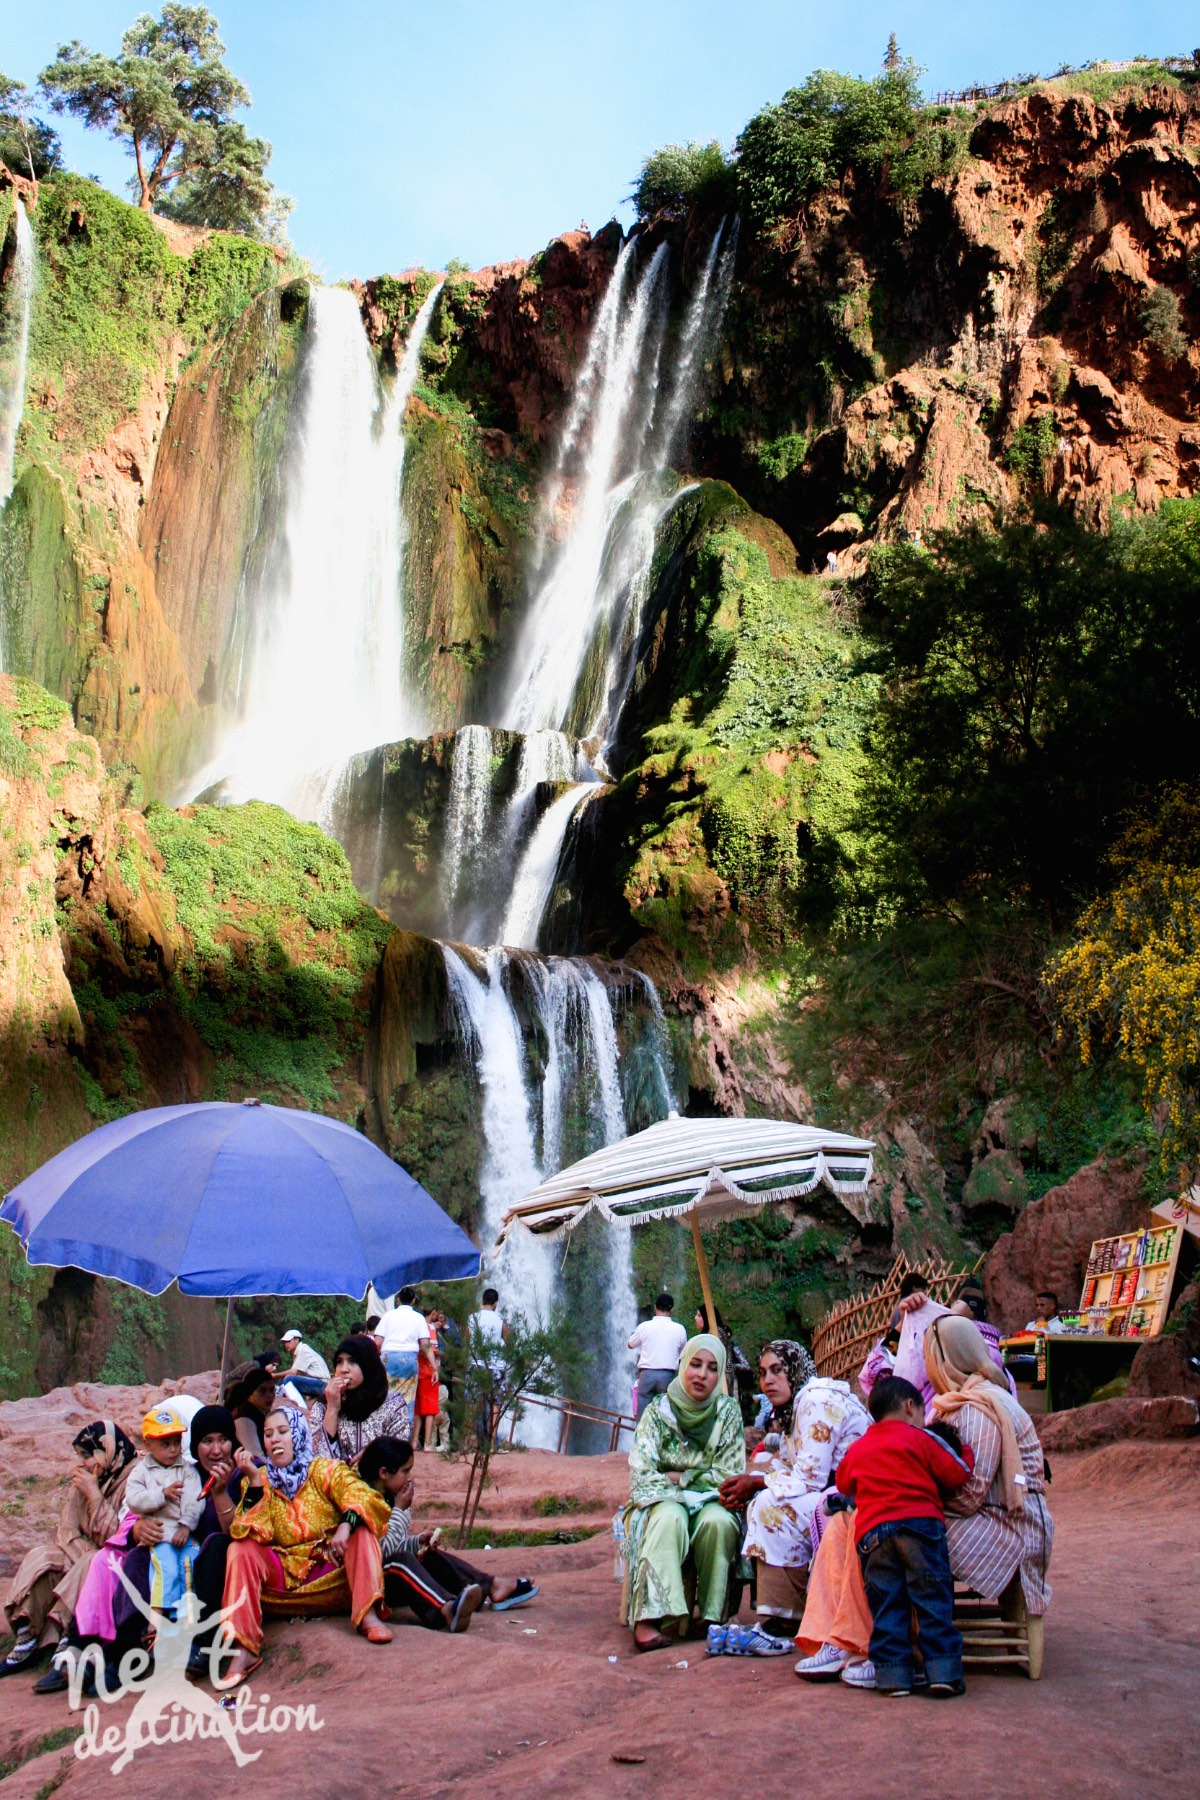 watervallen van Ouzoud, populair gezinsuitje kopie_marokko